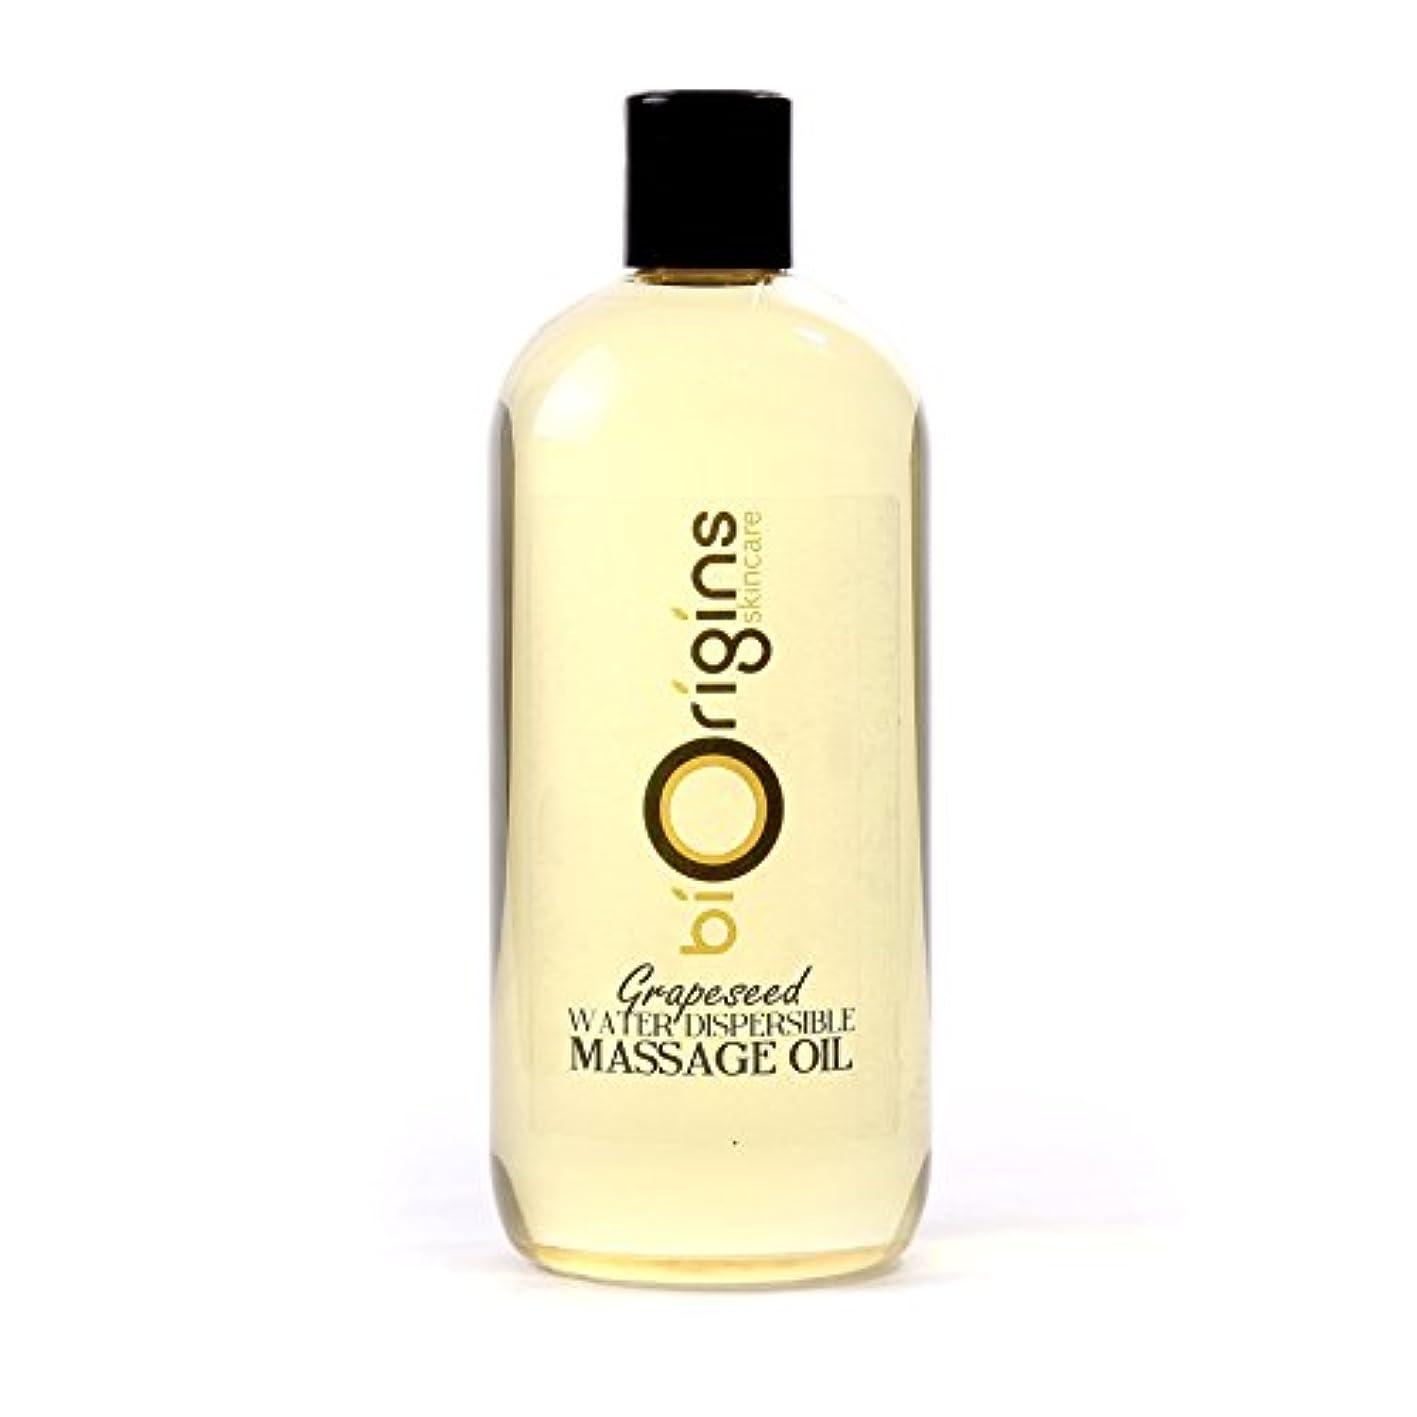 悪意のある暴君誇張するGrapeseed Water Dispersible Massage Oil - 500ml - 100% Pure